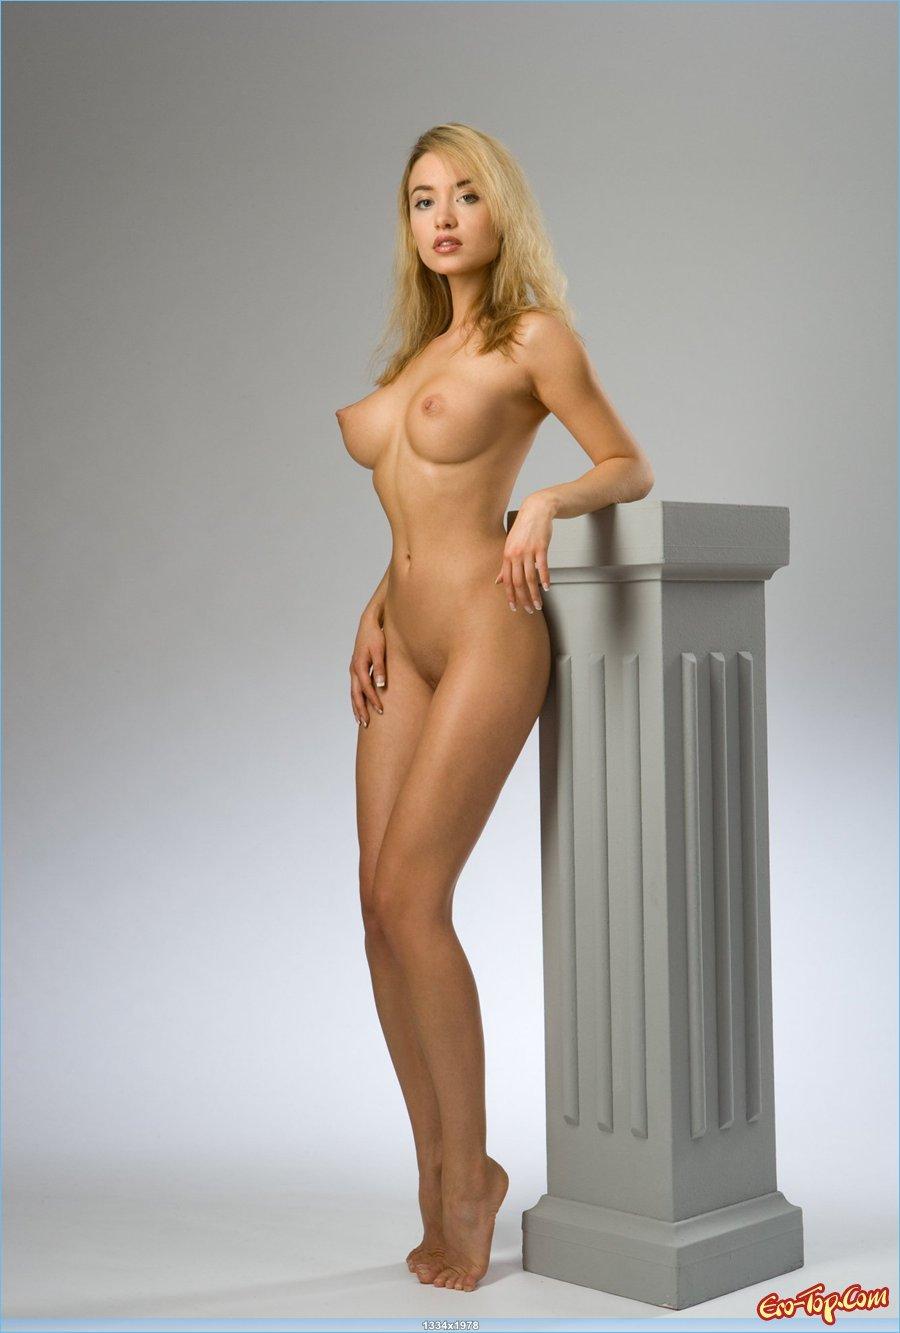 Проститутка блондинка с большой грудью фото 141-439